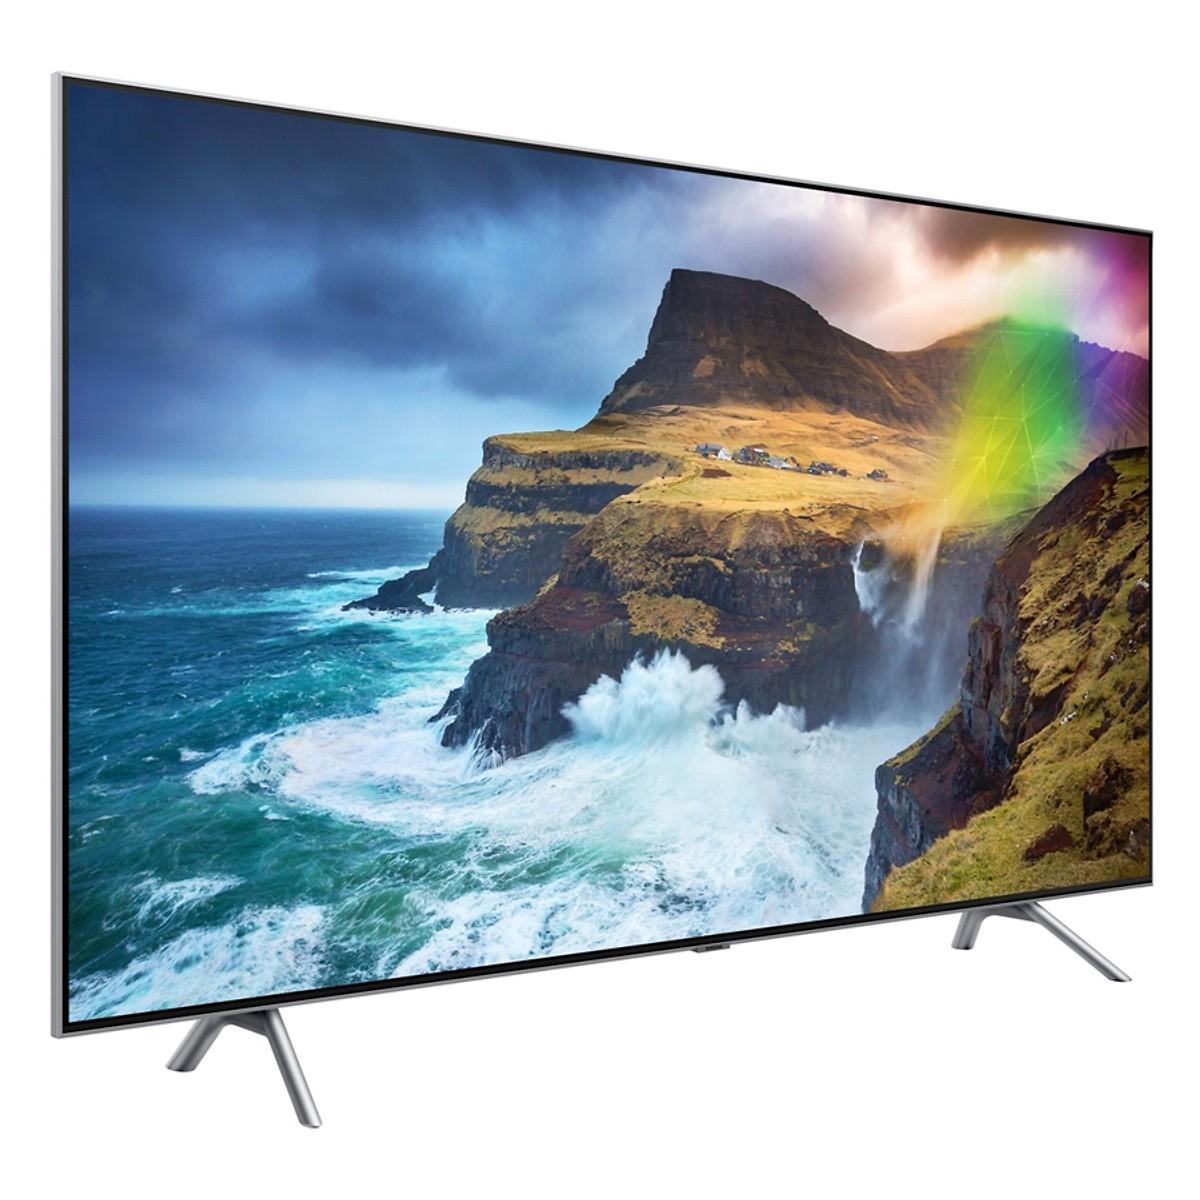 Smart Tivi QLED Samsung 75 inch 4K UHD QA75Q75RAKXXV - Hàng Chính Hãng + Tặng Khung Treo Cố Định